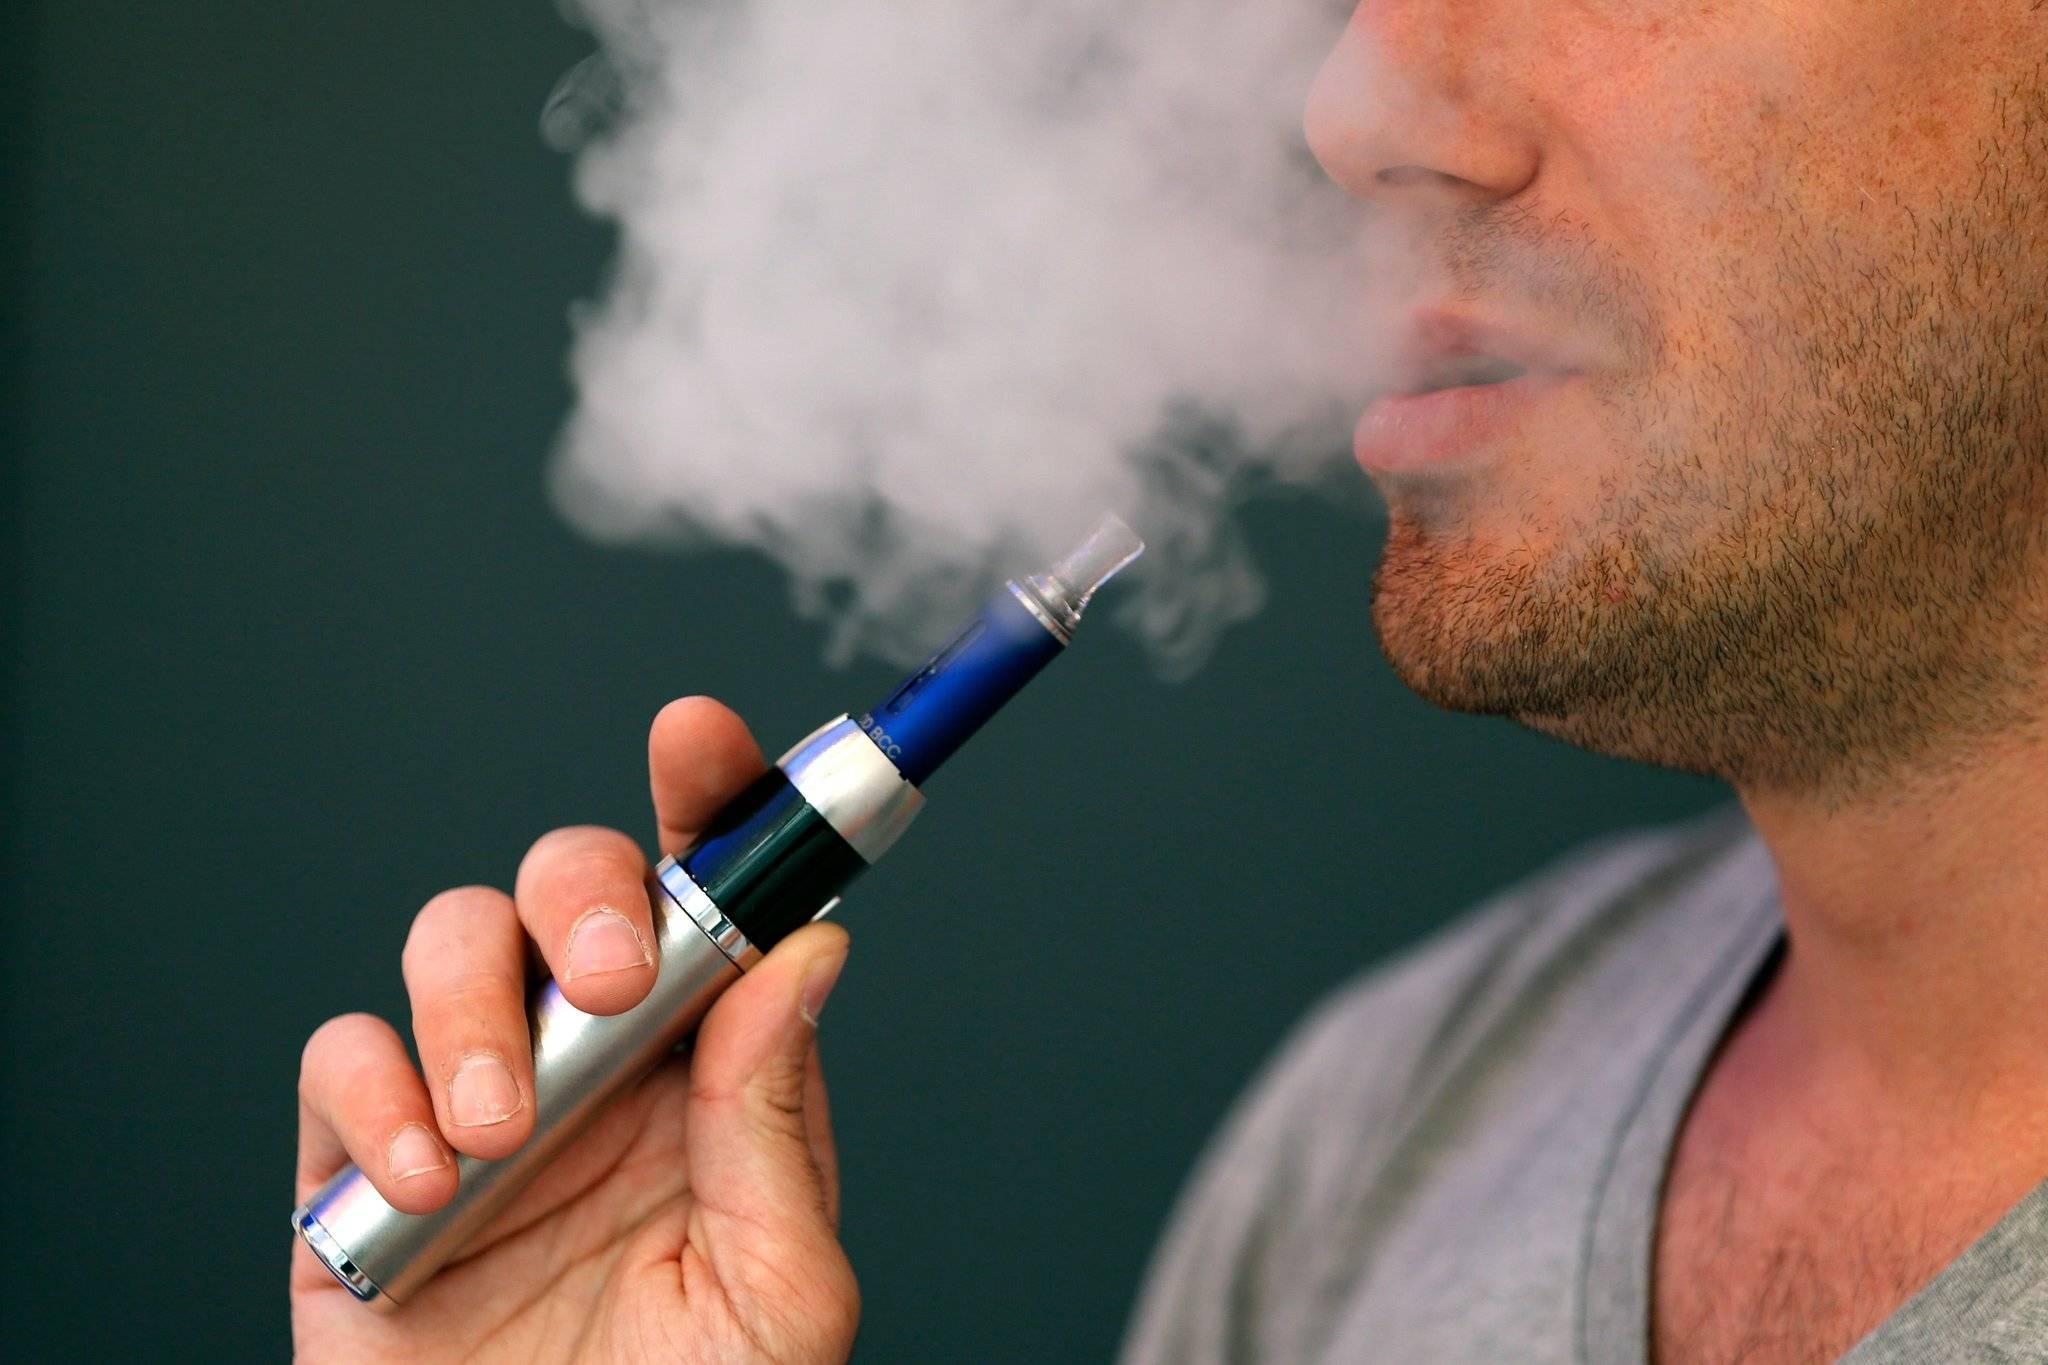 Курение и потенция: как сигареты влияют на потенцию у мужчин